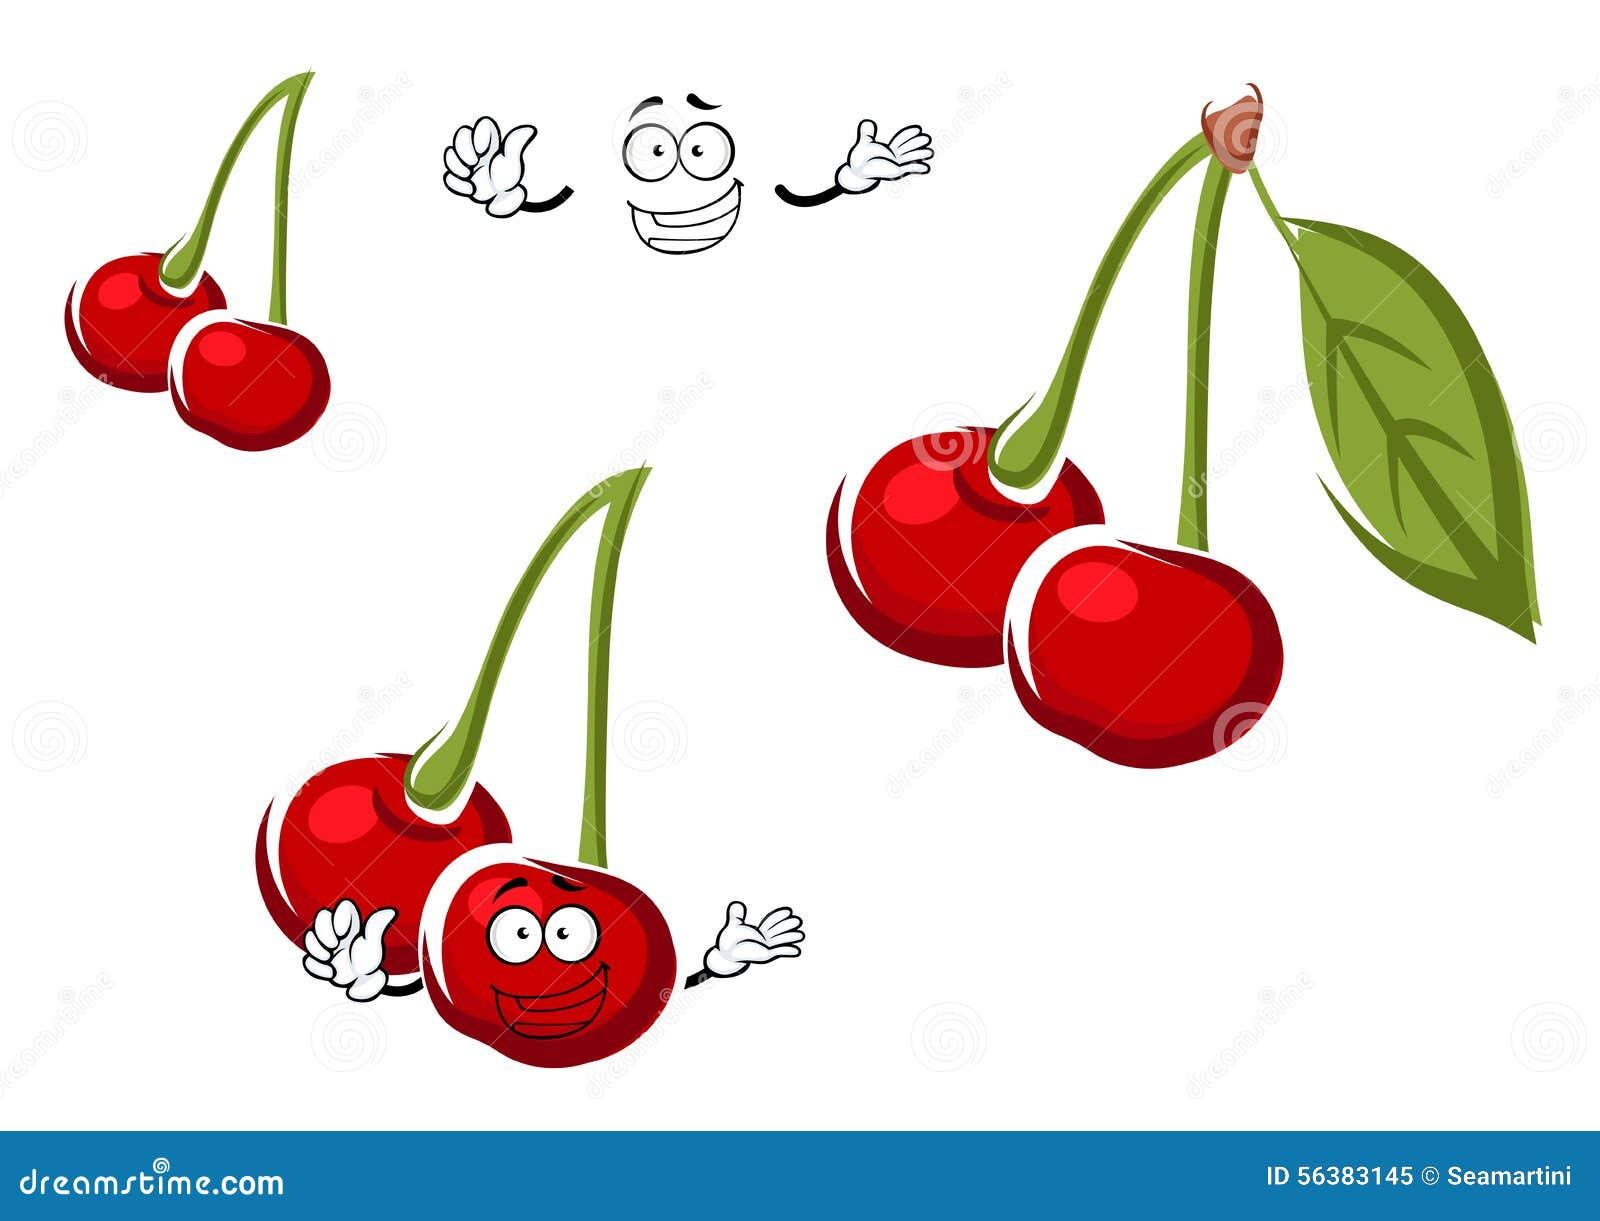 La cerise rouge porte des fruits personnage de dessin - Cerise dessin ...